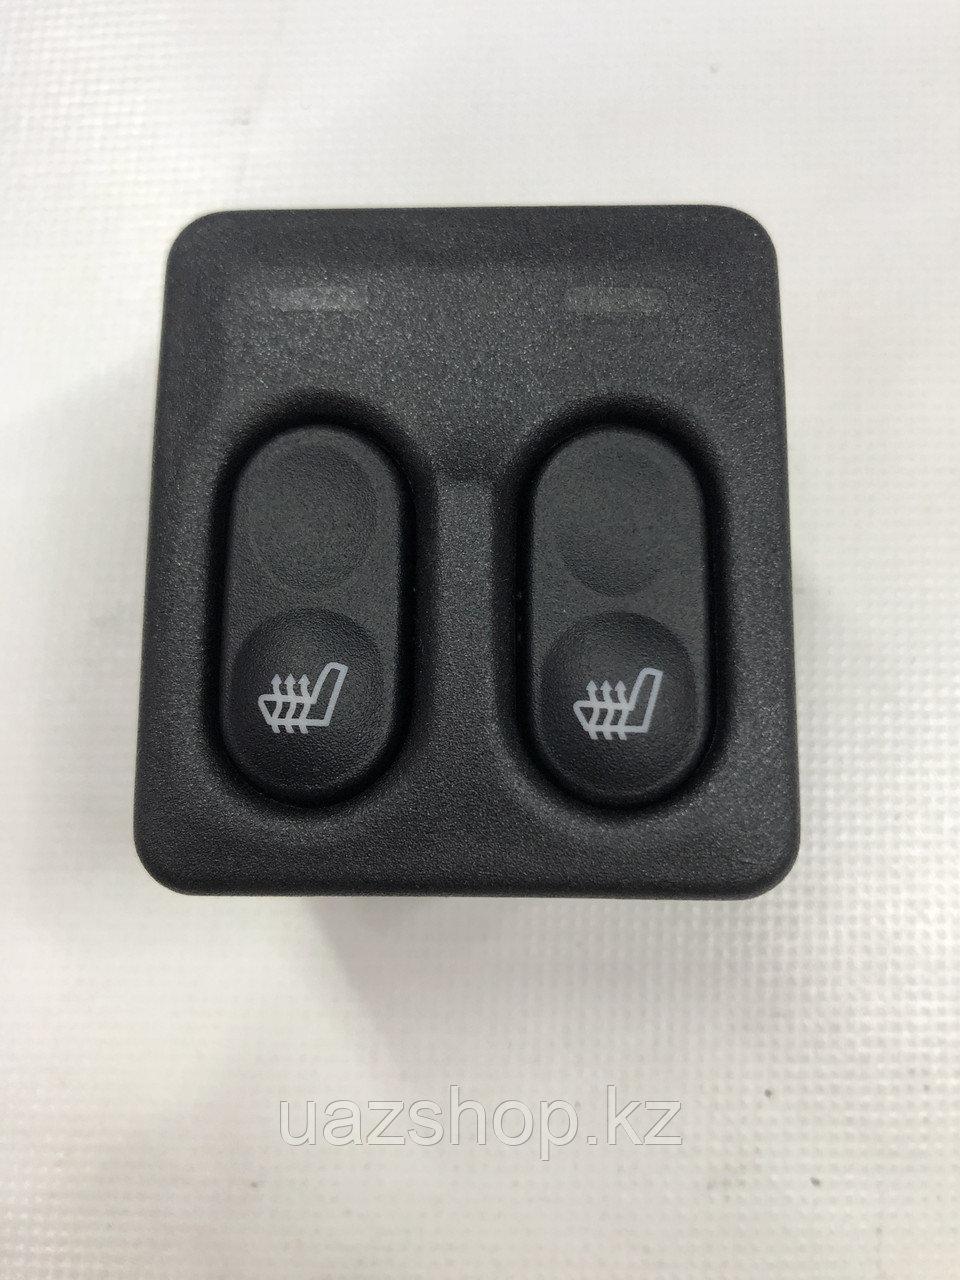 Блок управления обогревом задних седений (UAZ Patriot)